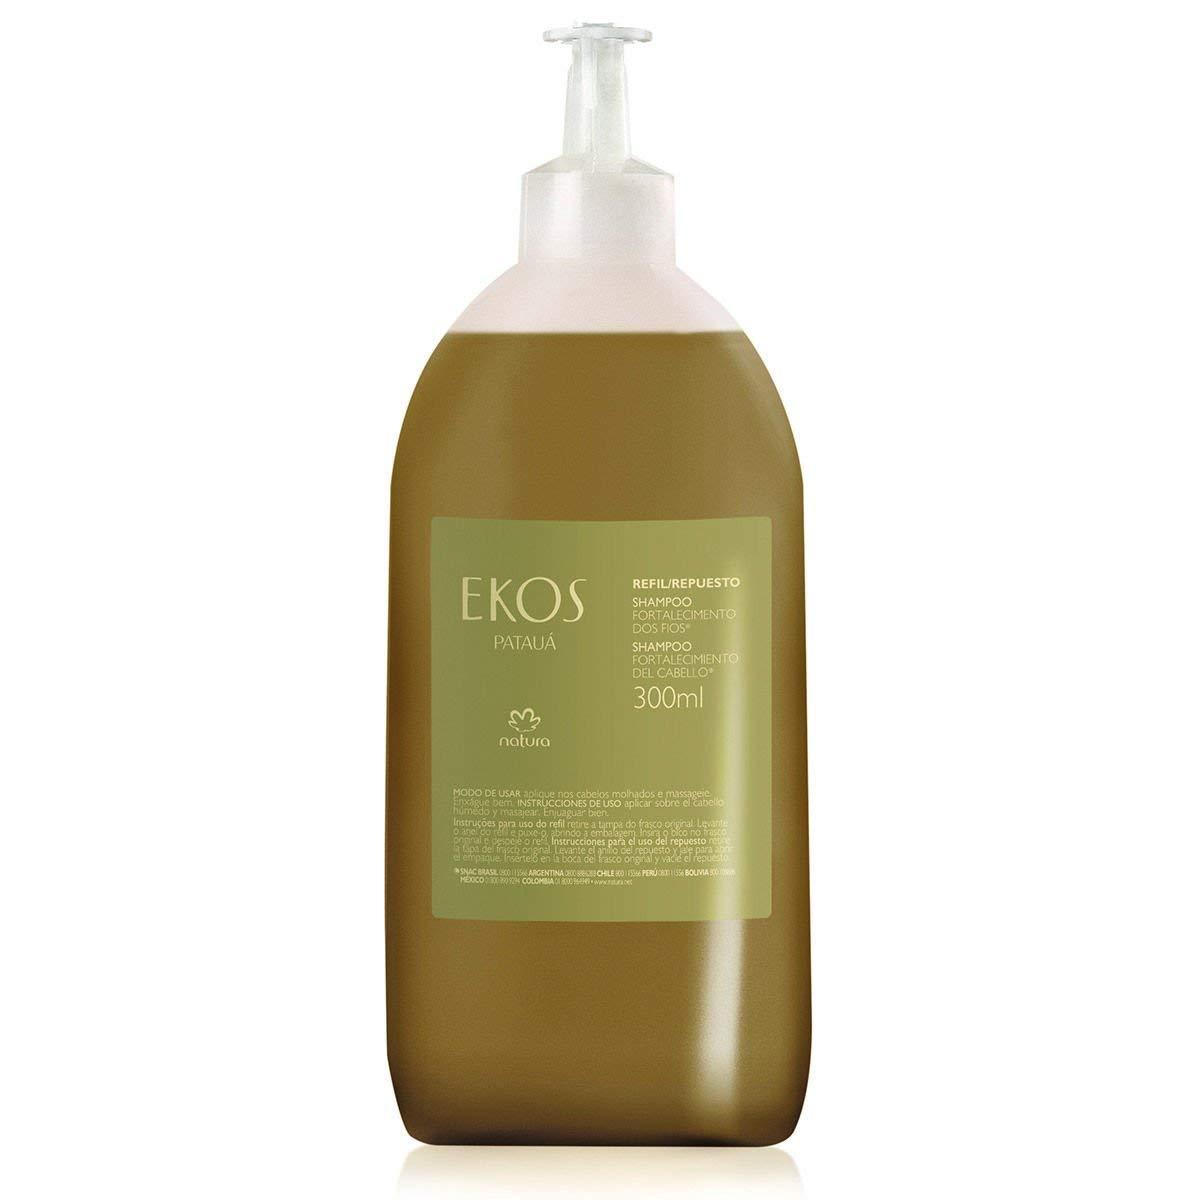 Linha Ekos (Pataua) Natura - Shampoo Fortalecimento dos Fios (Refil) 300 Ml - (Natura Ekos (Pataua) Collection - Hair Strengthening Shampoo (Refill) 10.14 Fl Oz)